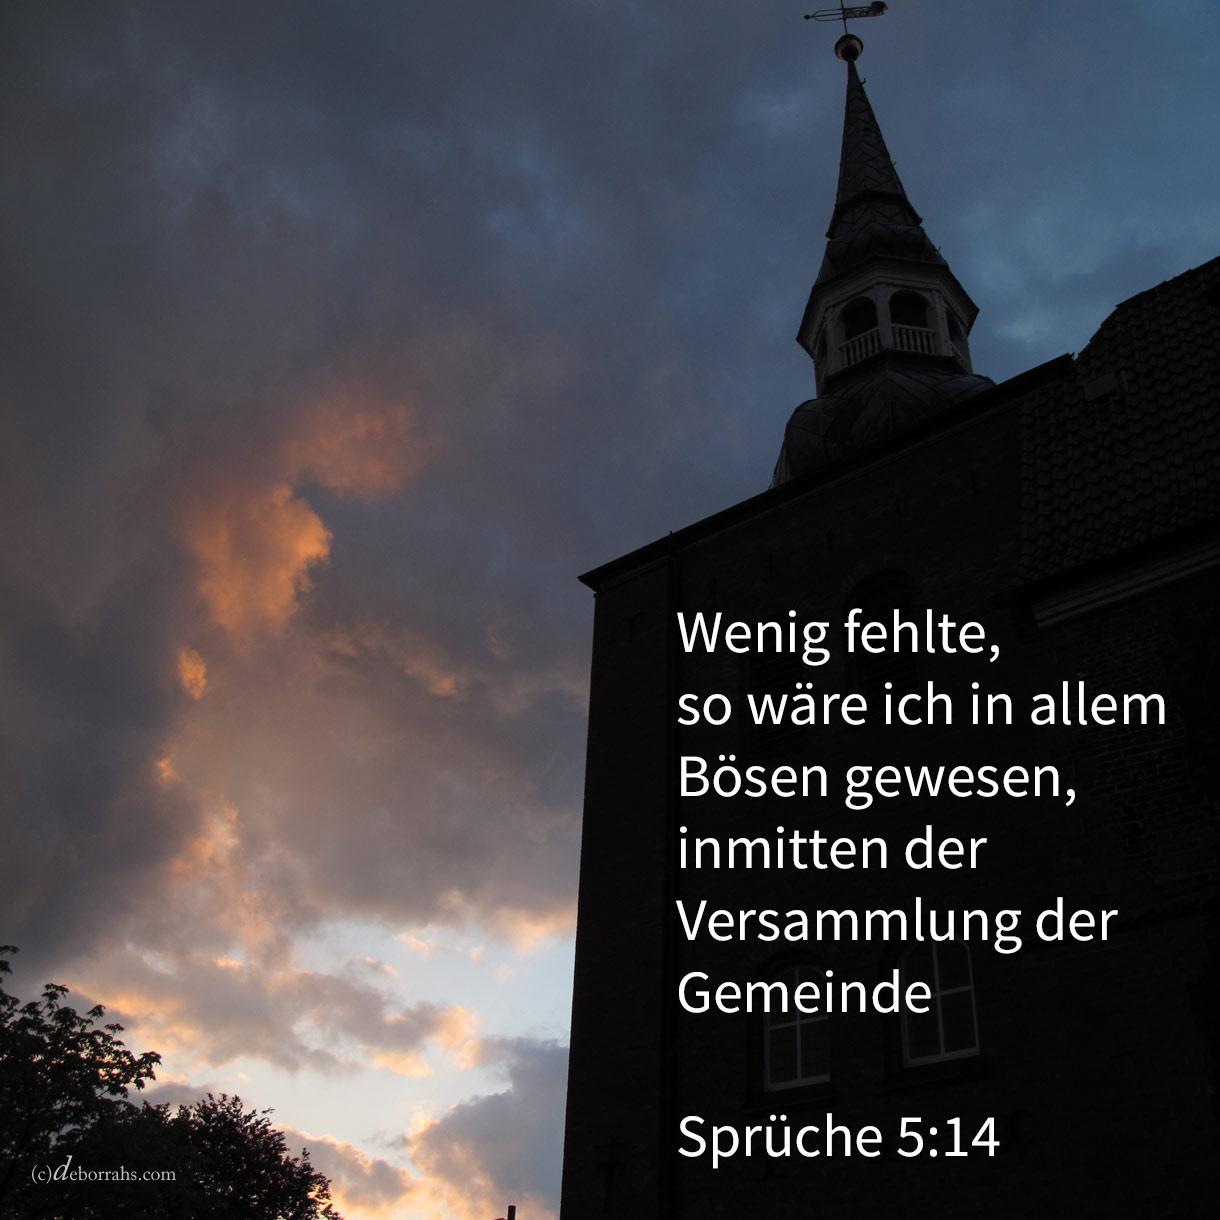 Wenig fehlte, so wäre ich in allem Bösen gewesen, inmitten der Versammlung und der Gemeinde ( Sprüche 5,14 )